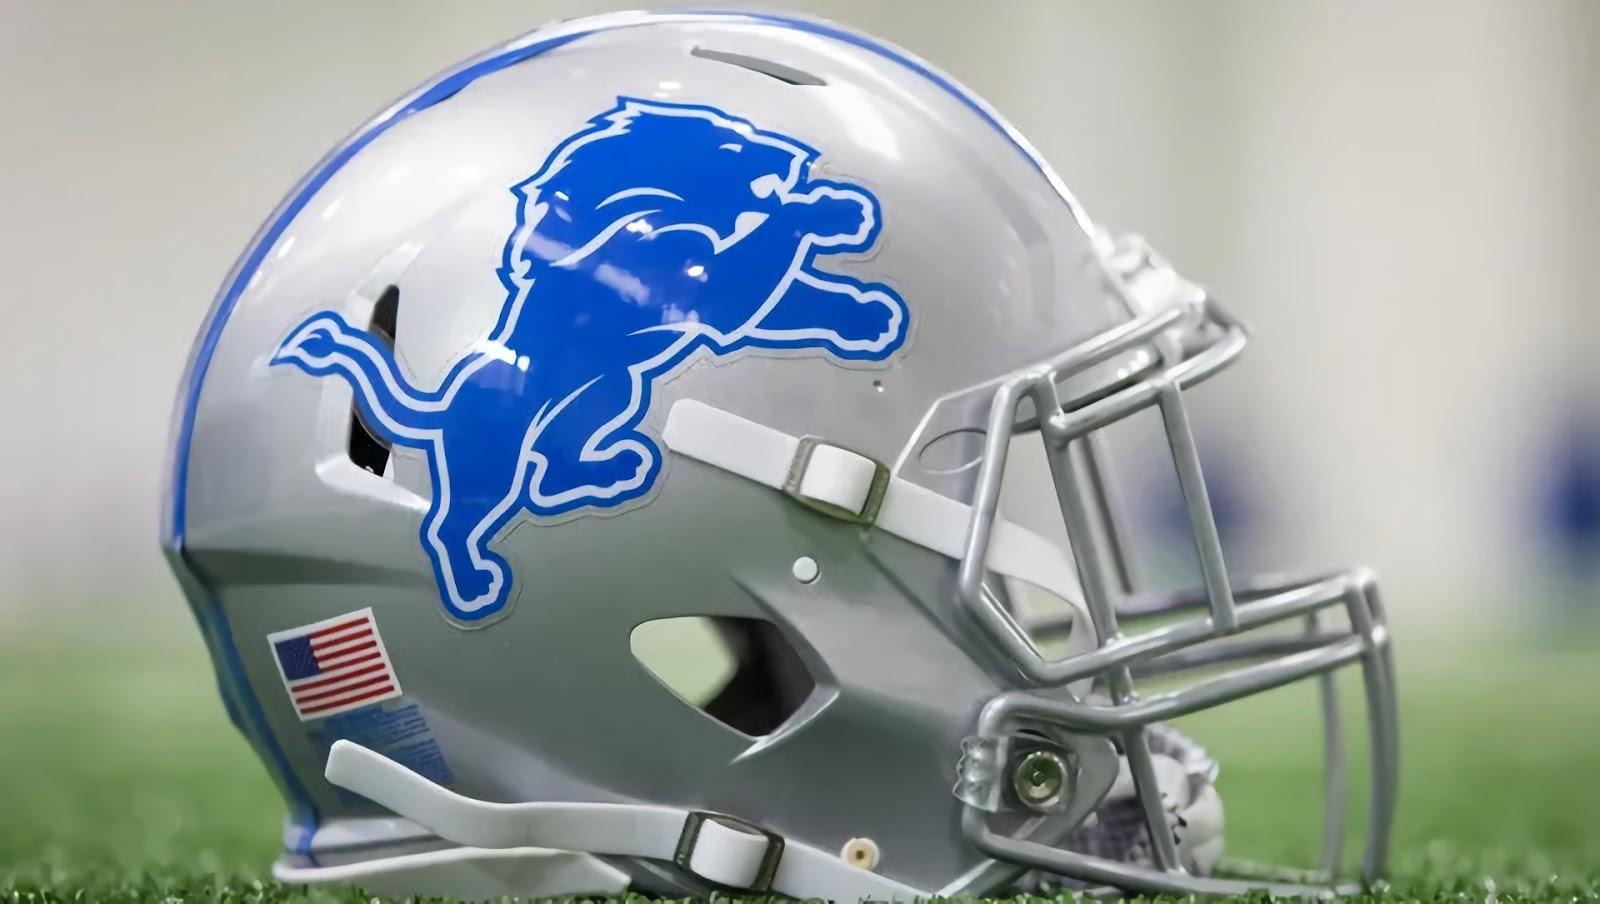 Detroit Lions đã nhập ngũ và chưa tham dự Super Bowl.